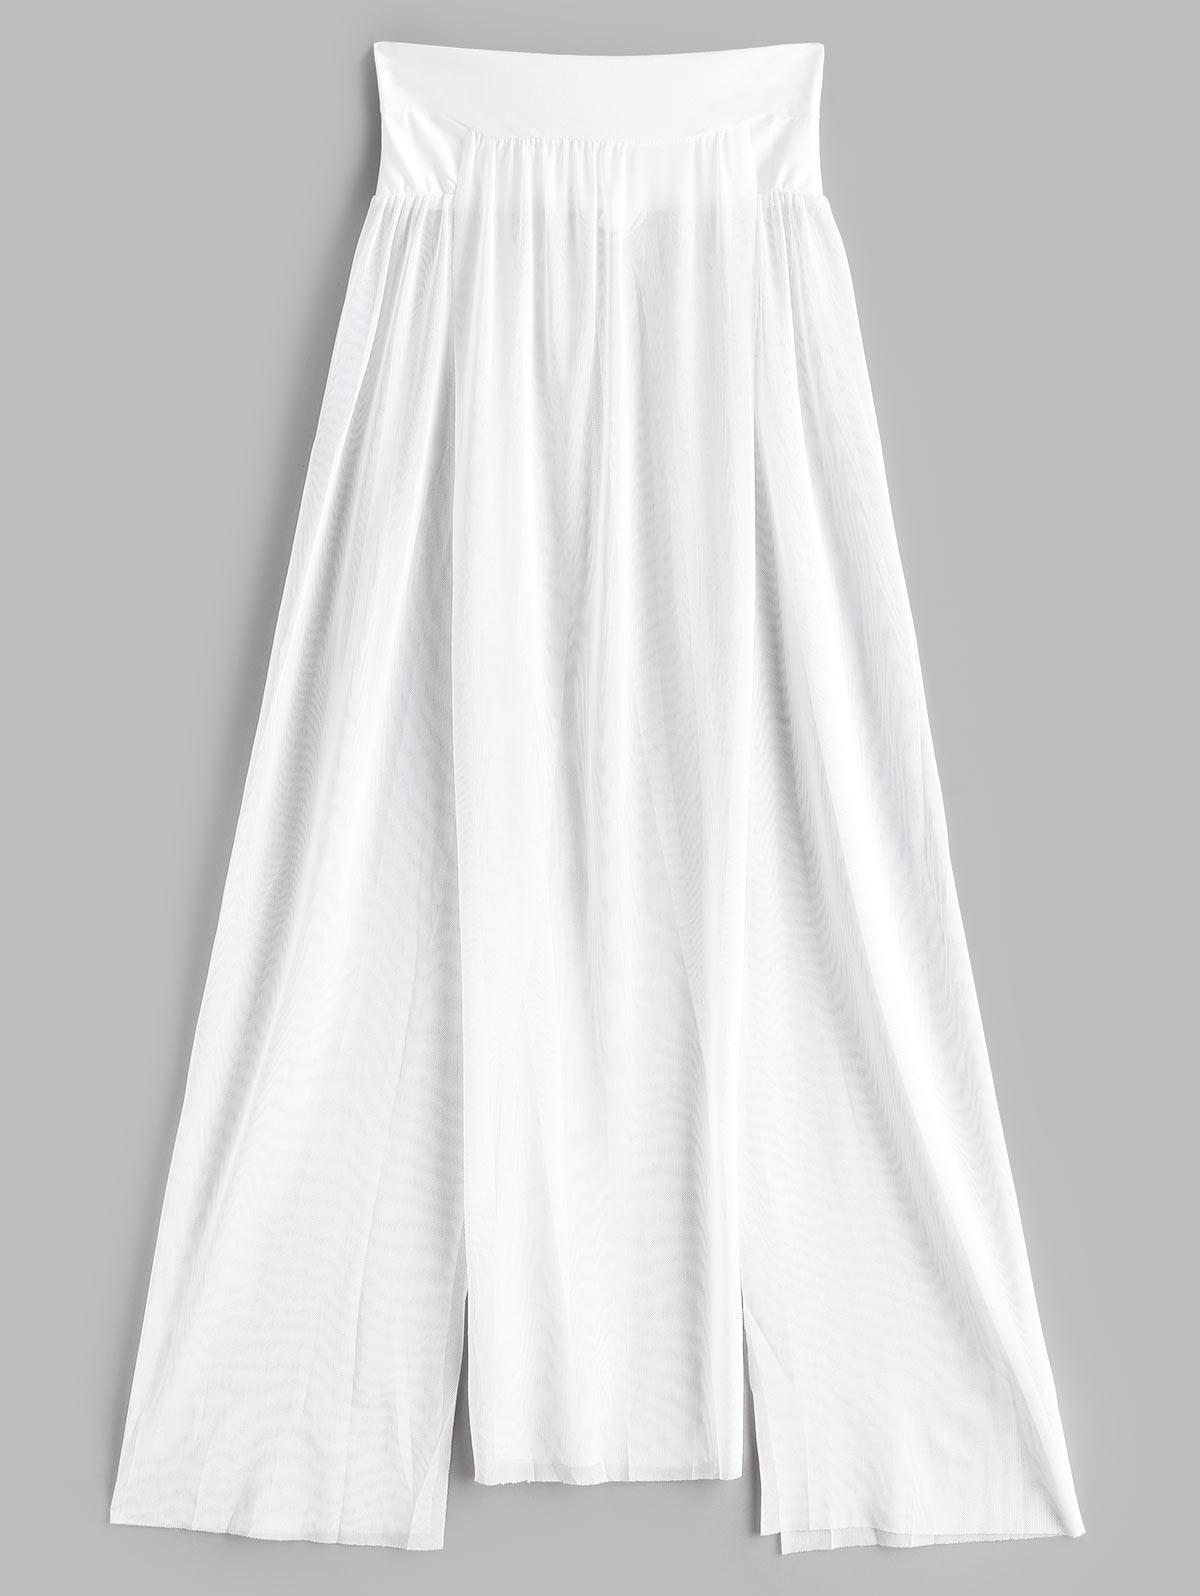 Jupe Couverture Fendue en Maille Transparente Taille unique - Zaful FR - Modalova